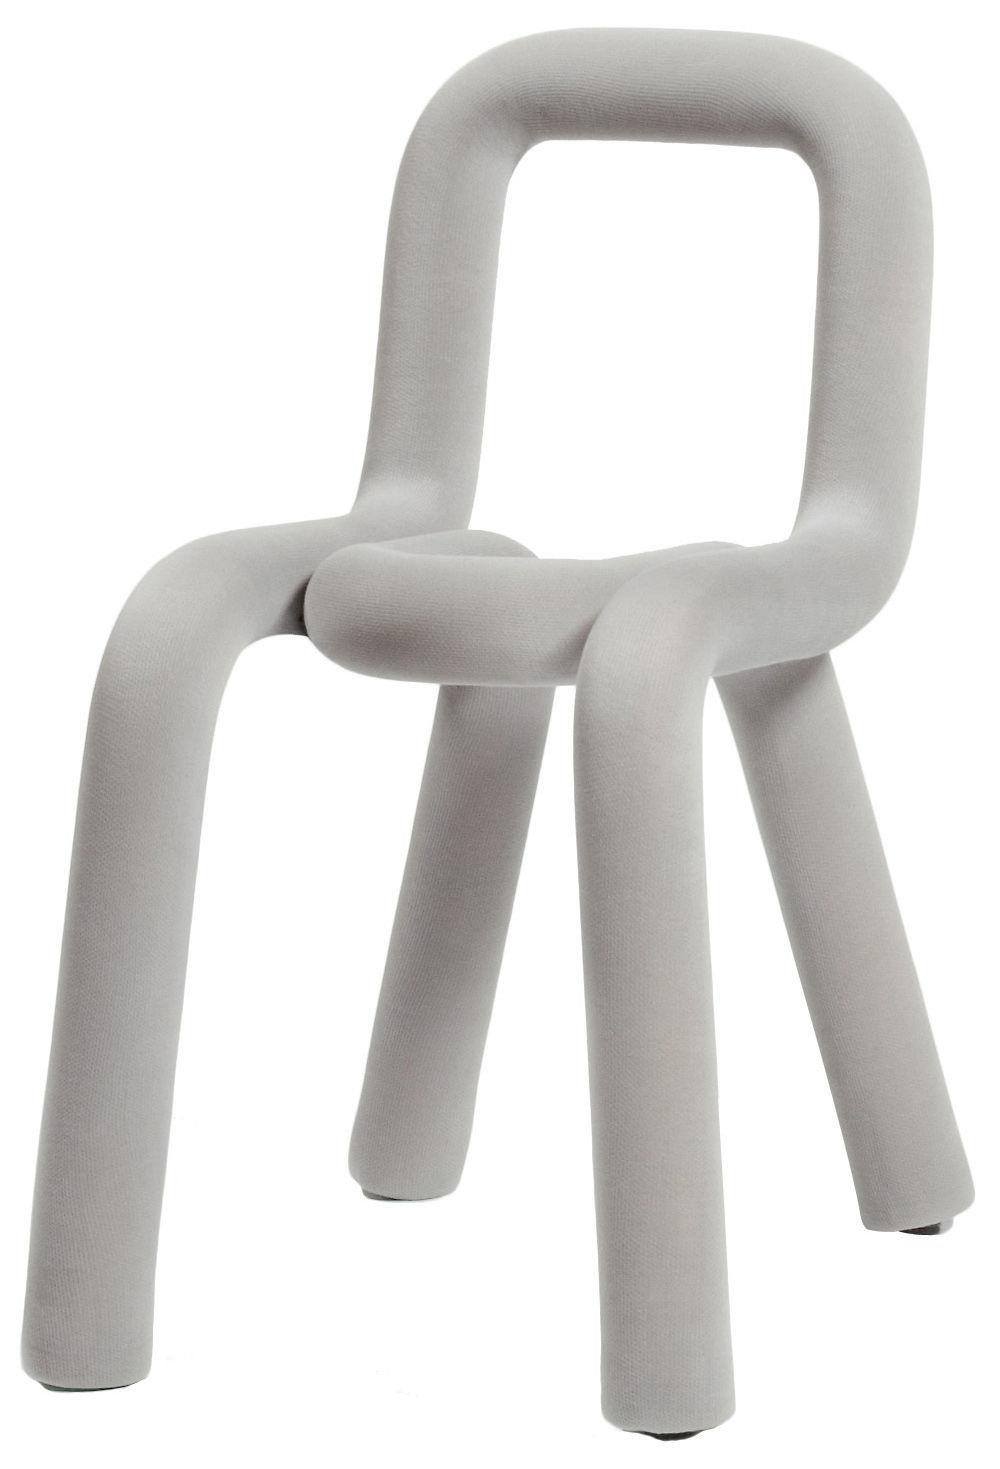 Mobilier - Chaises, fauteuils de salle à manger - Chaise rembourrée Bold / Tissu - Moustache - Gris clair - Acier, Mousse, Tissu